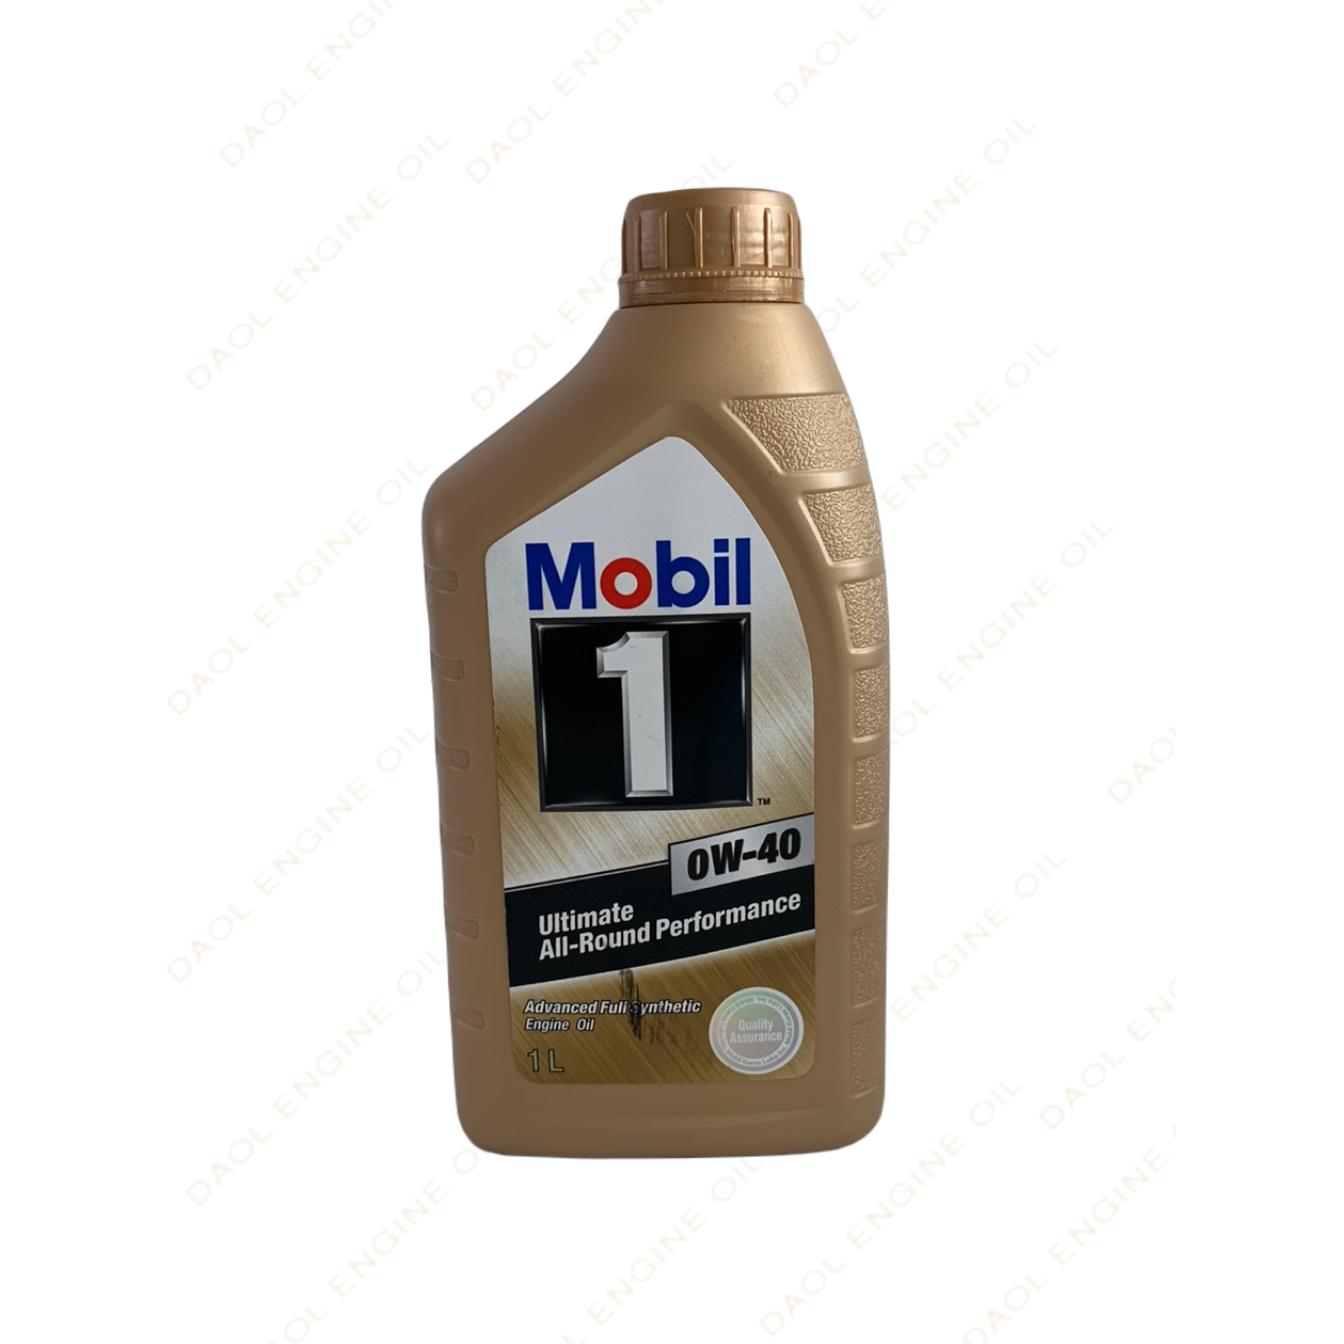 모빌원 골드 0W40 MOBIL 1 Ultimate ALL-ROUND Performance 가솔린 차량용 (1L), MOBIL 1 Ultimate 0W40, 1개